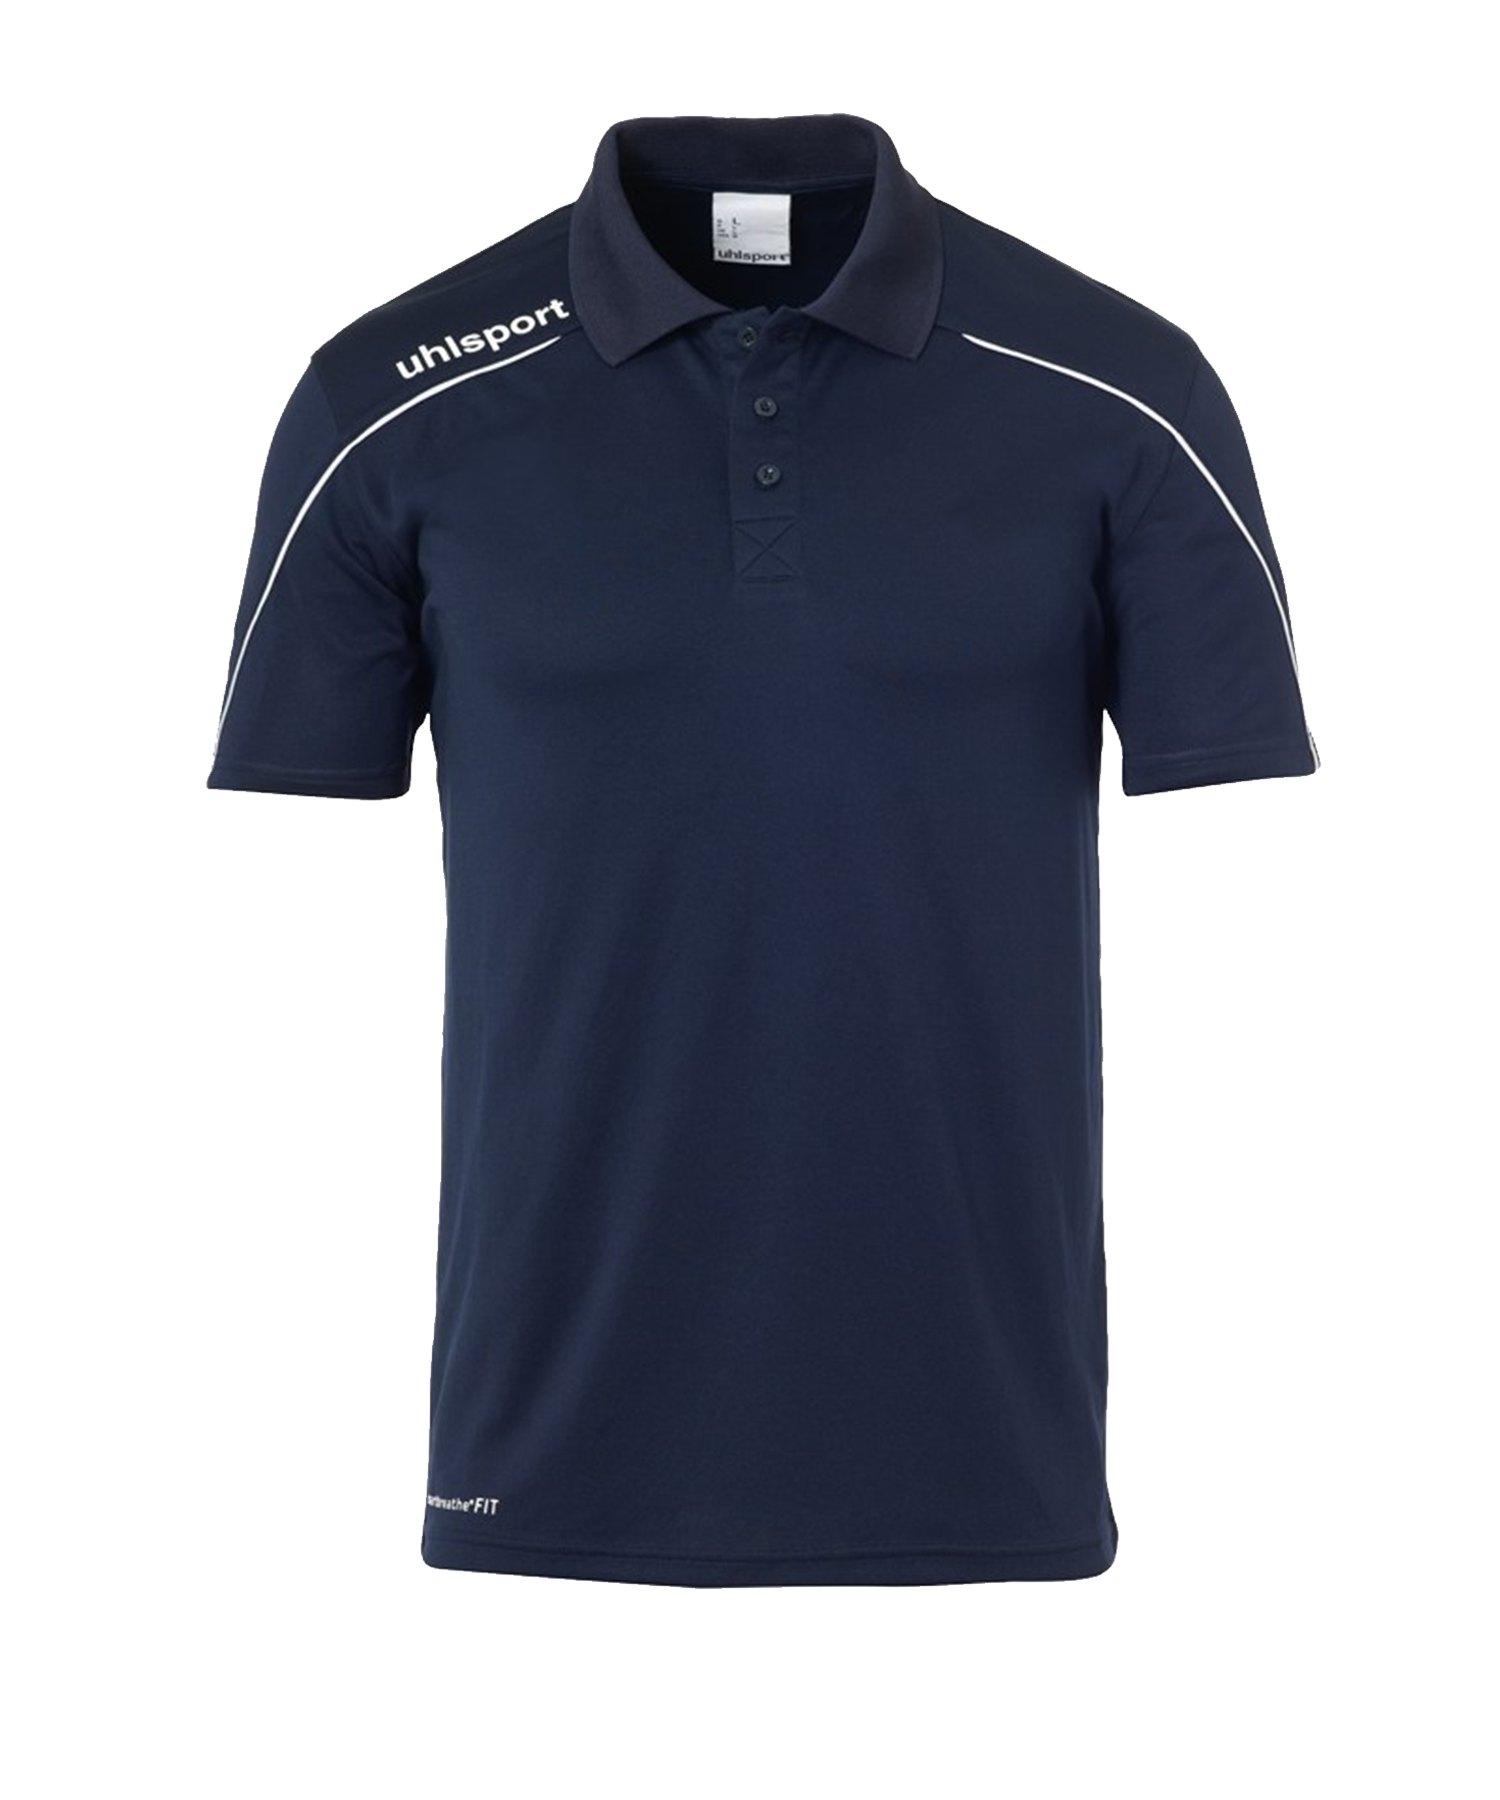 Uhlsport Stream 22 Poloshirt Blau Weiss F12 - Blau